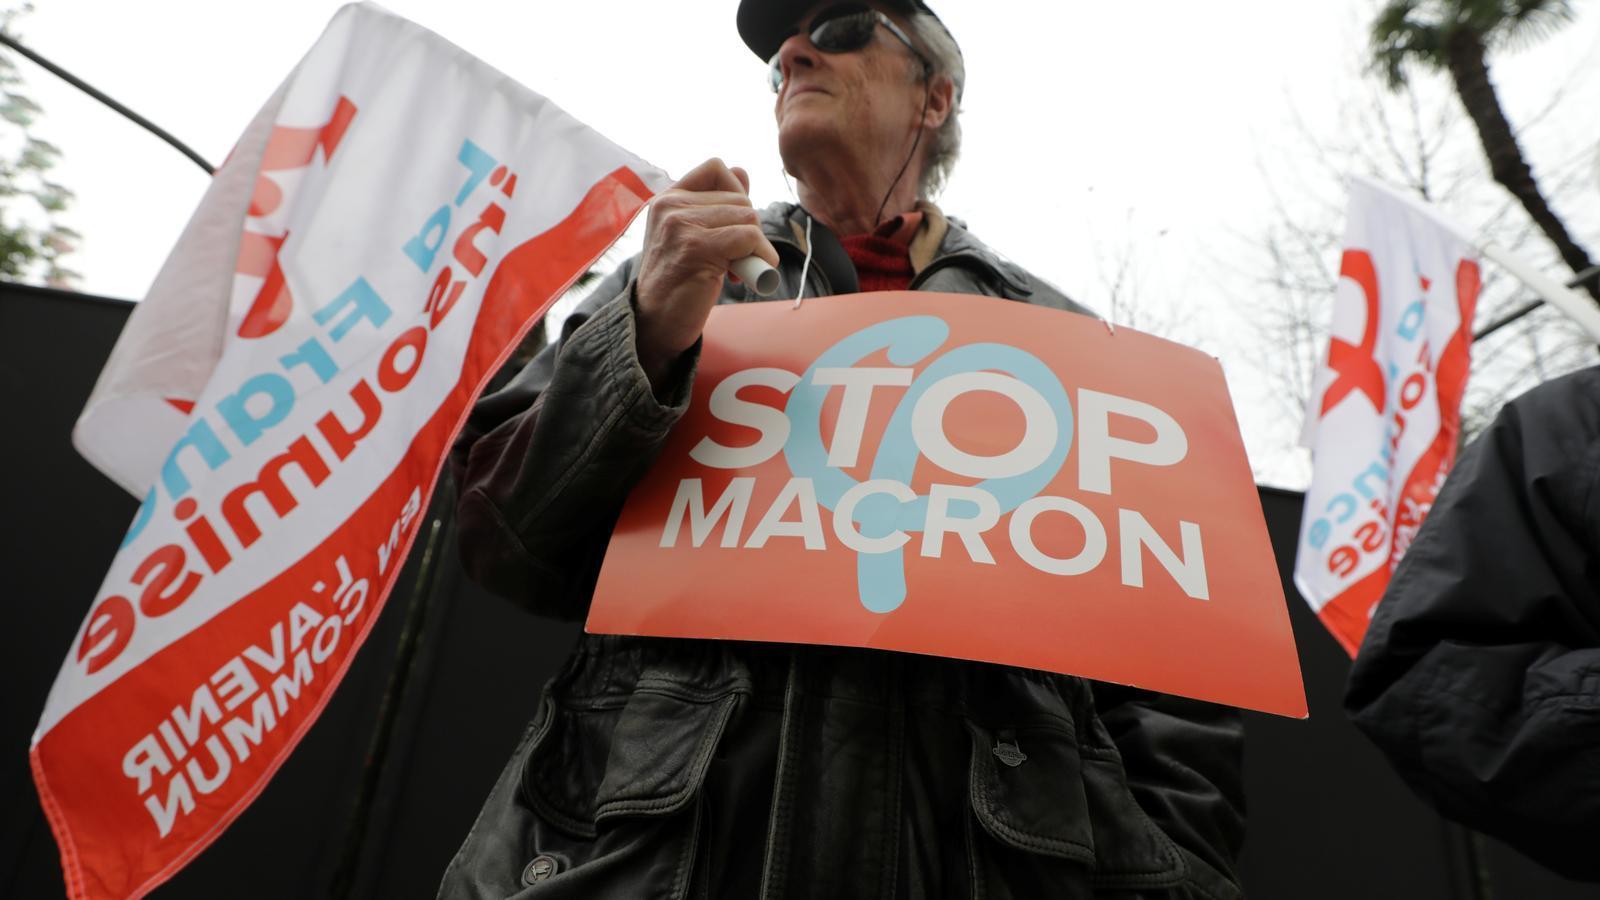 Un manifestant amb una pancarta que demana frenar Macron durant la vaga contra les pensions, a París